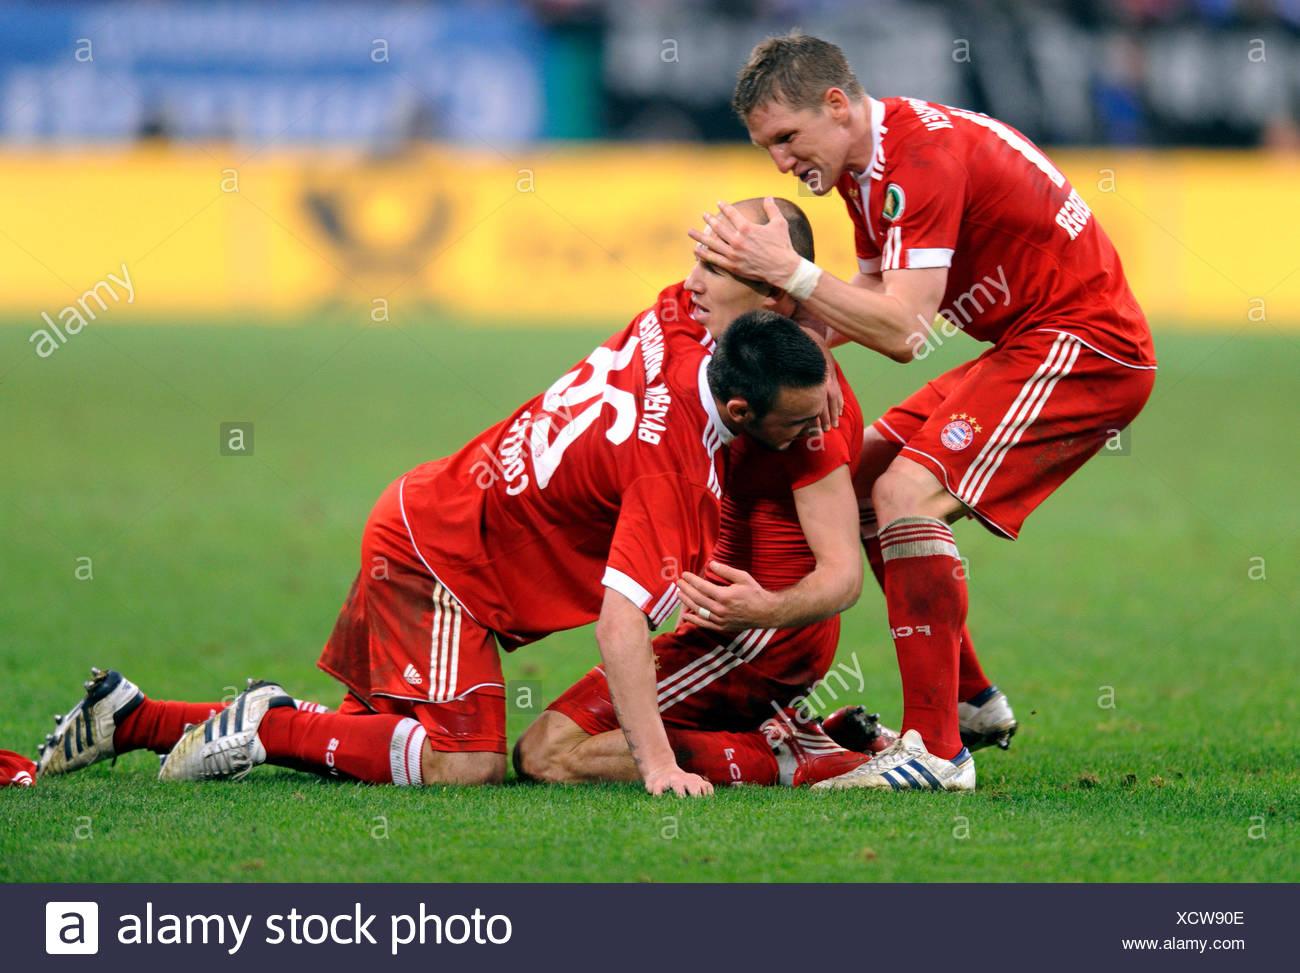 Arjen Robben il tifo dopo il suo obiettivo 0-1, insieme con Diego contento e Bastian SCHWEINSTEIGER, DFB tedesco di calcio Immagini Stock